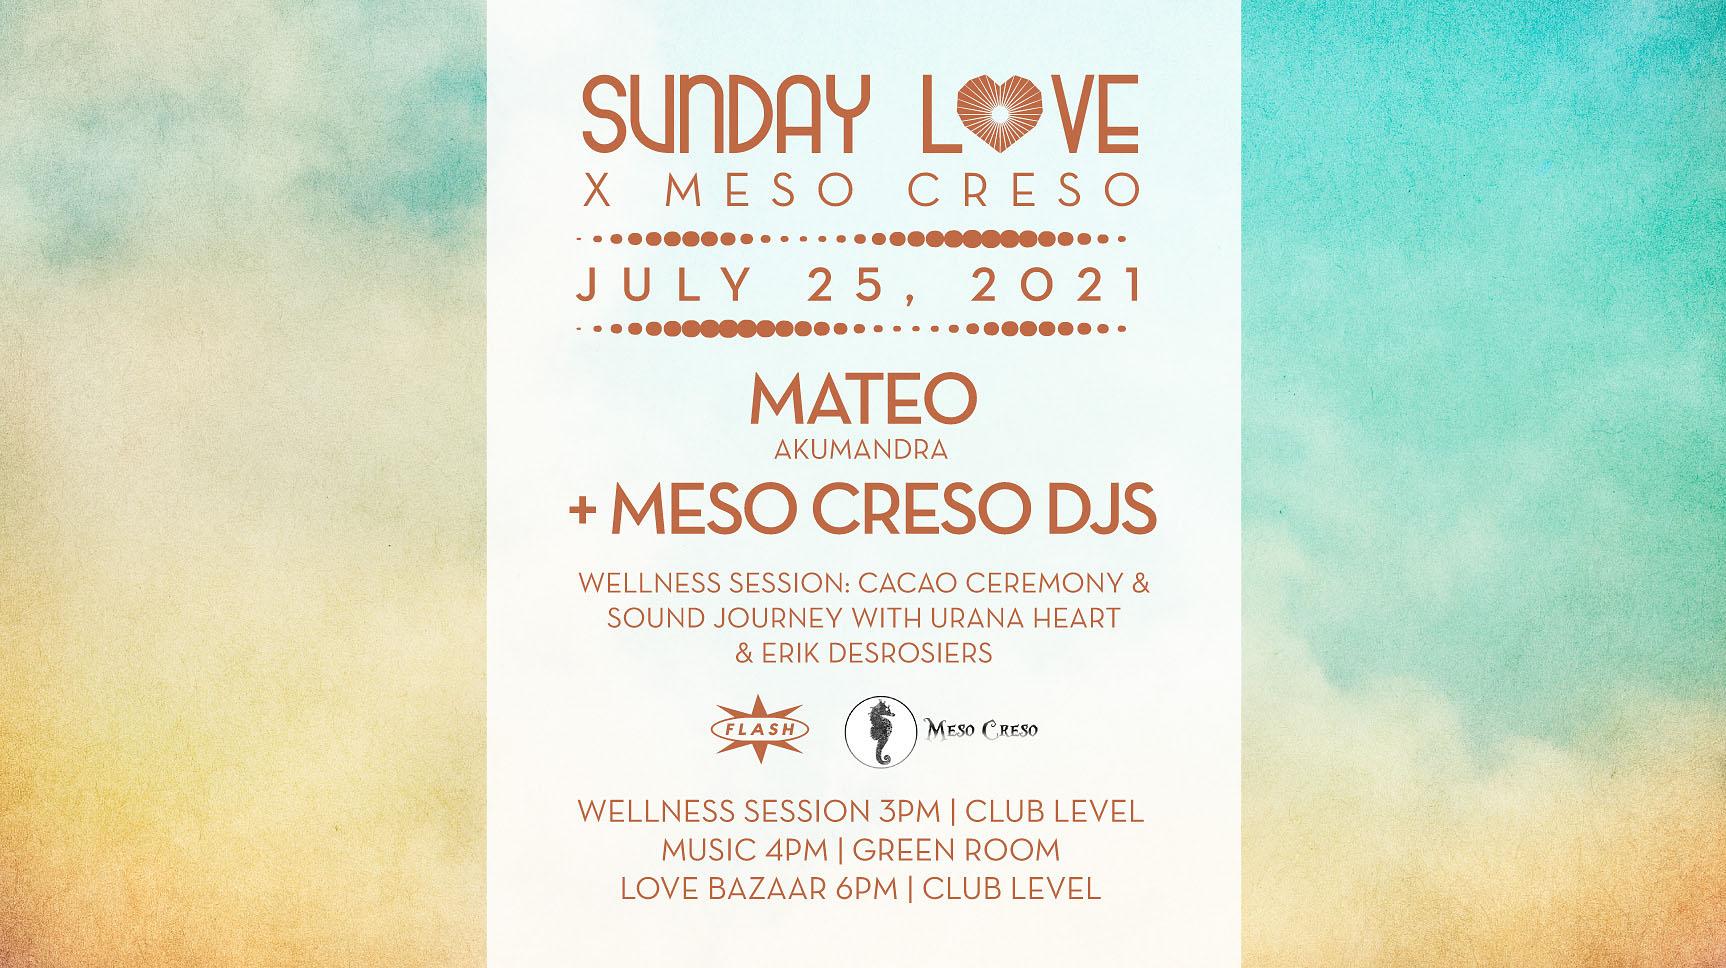 Sunday Love x Meso Creso: Mateo (Akumandra) + Meso Creso DJ's